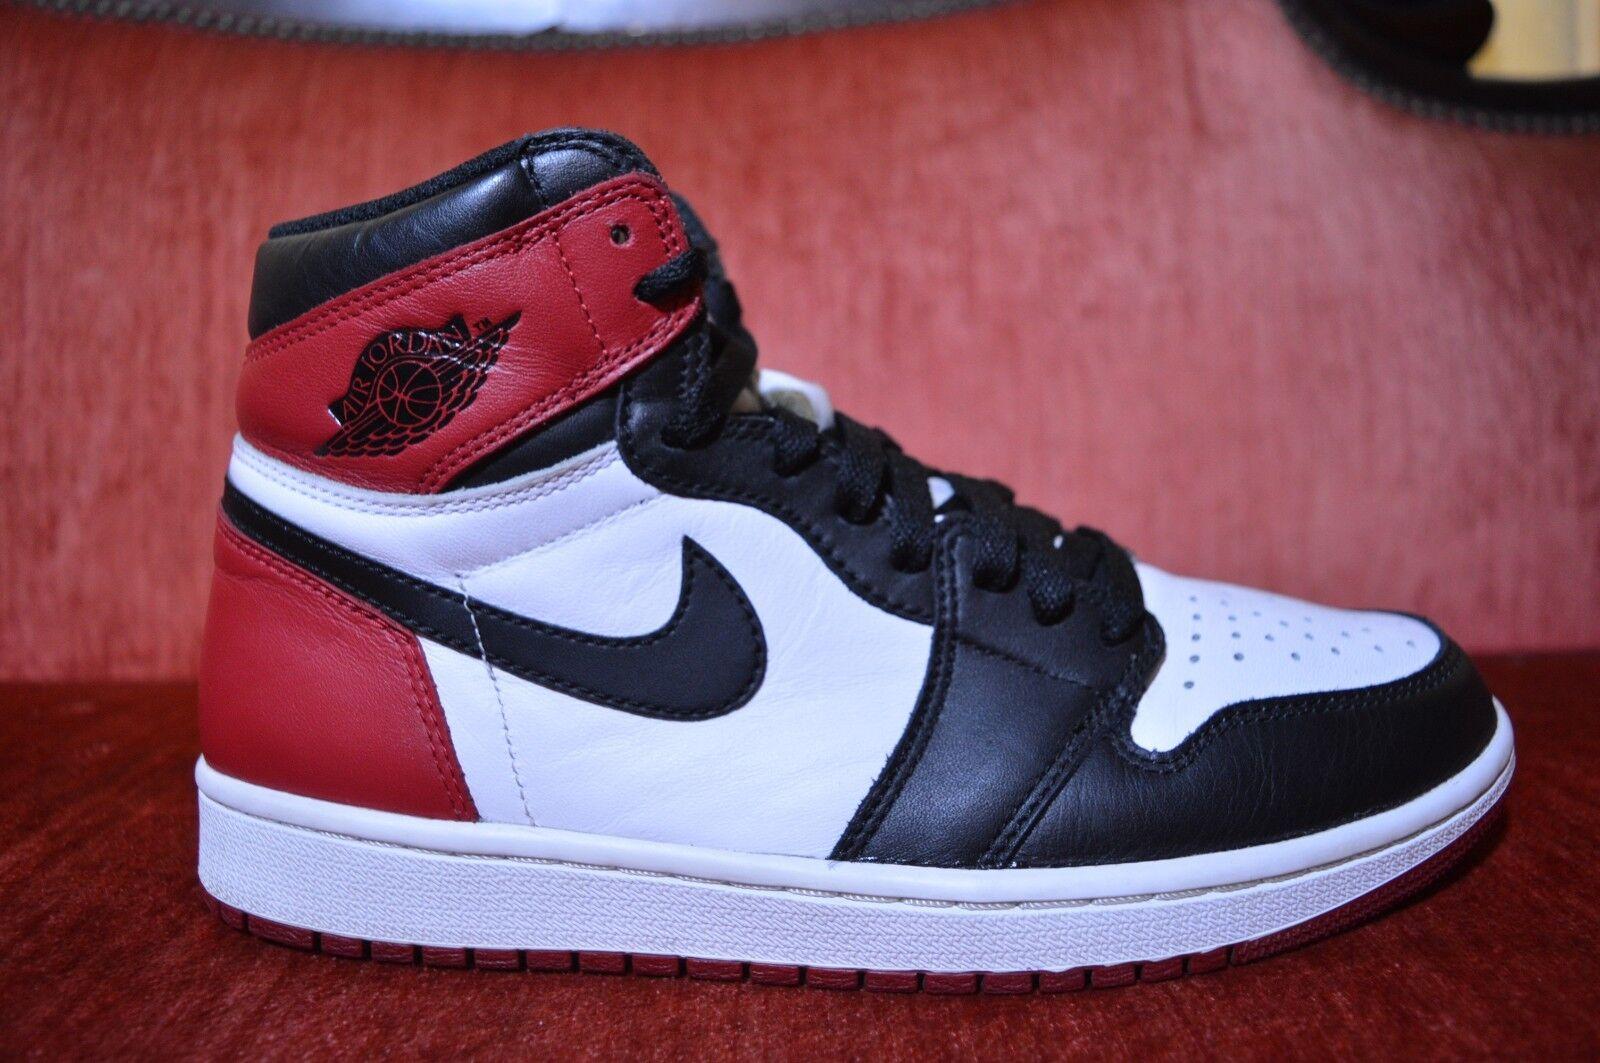 2016 Nike Air Jordan 1 Retro High OG Black Toe Size 8.5 555088-125 Bred